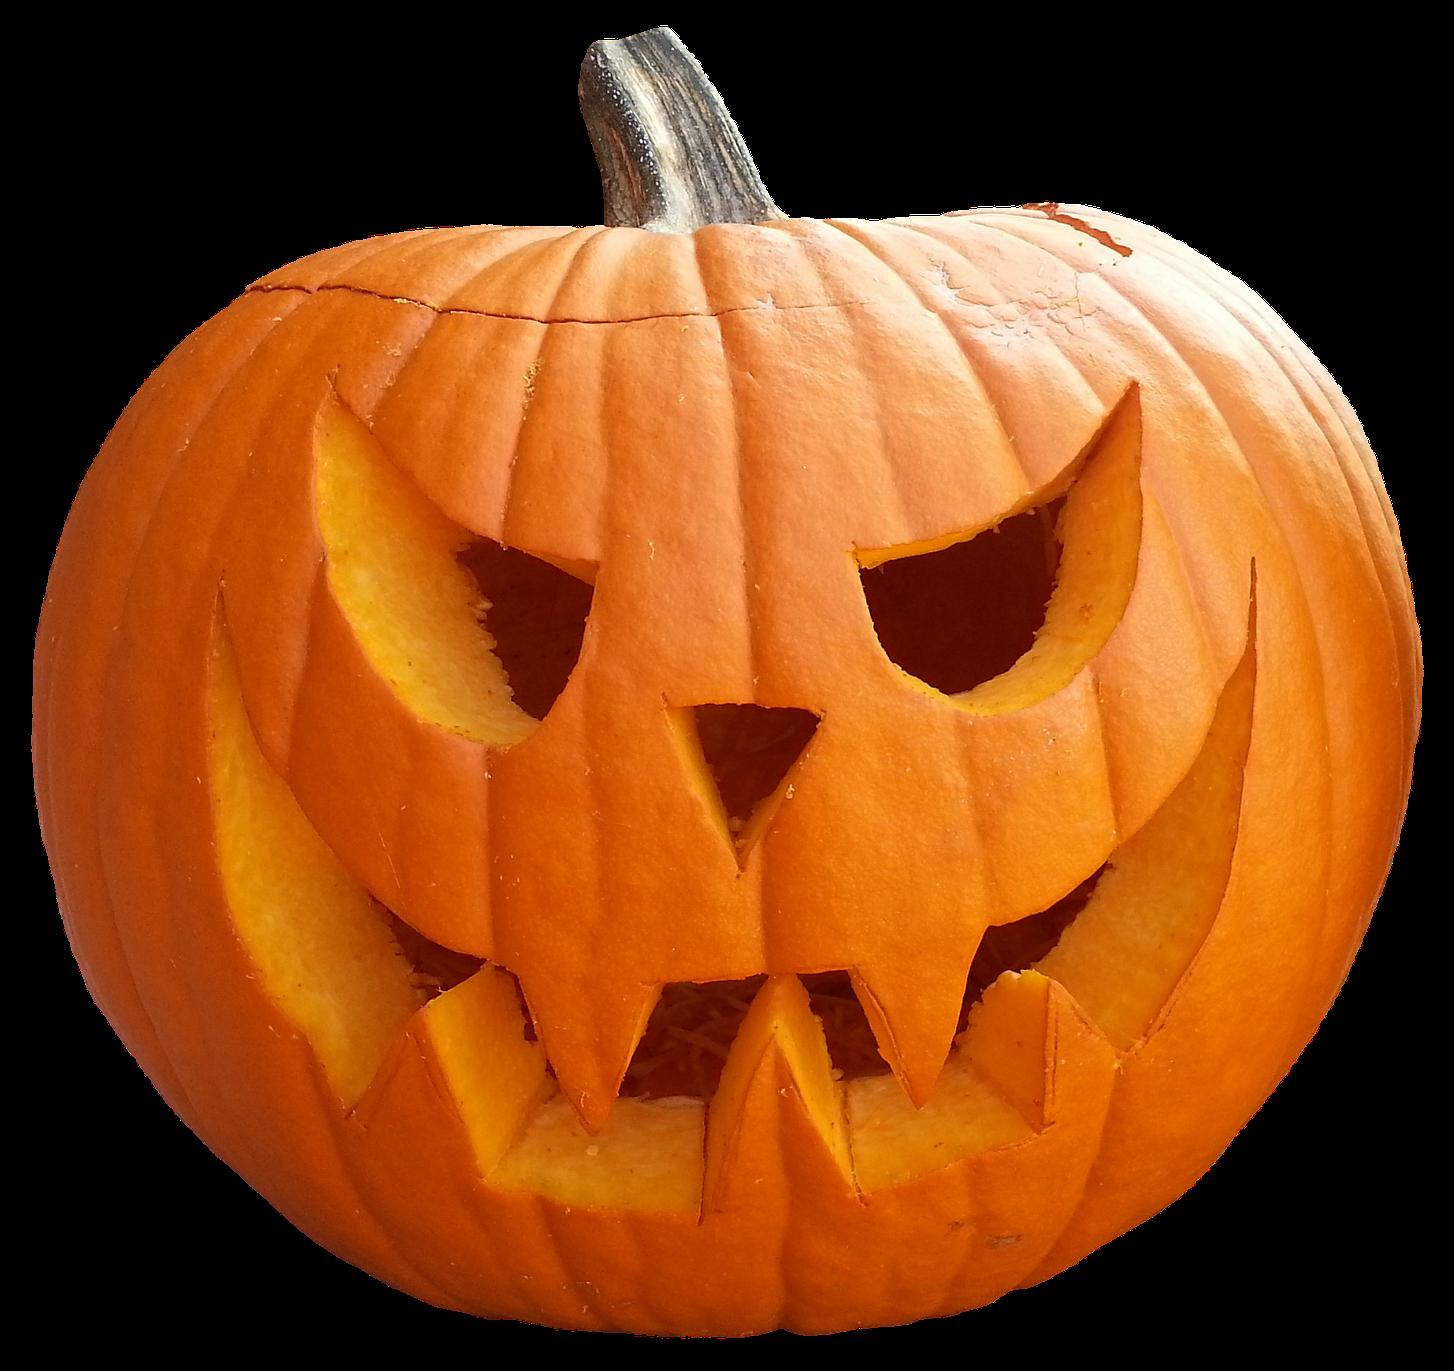 Comment faire une citrouille d'Halloween